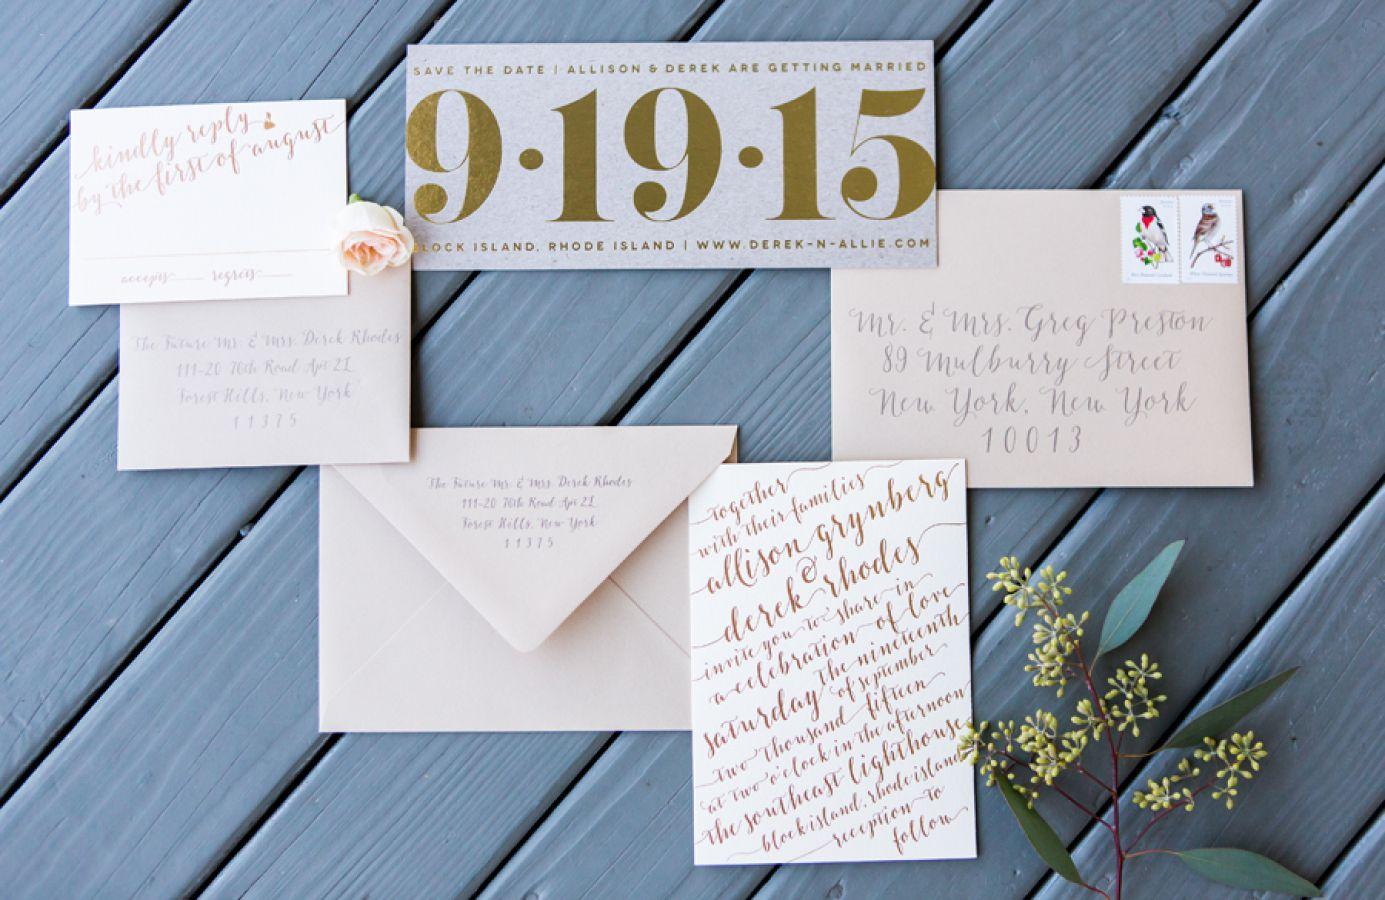 Ryon-Lockhart-Photography Escolhendo a melhor data para o seu casamento!